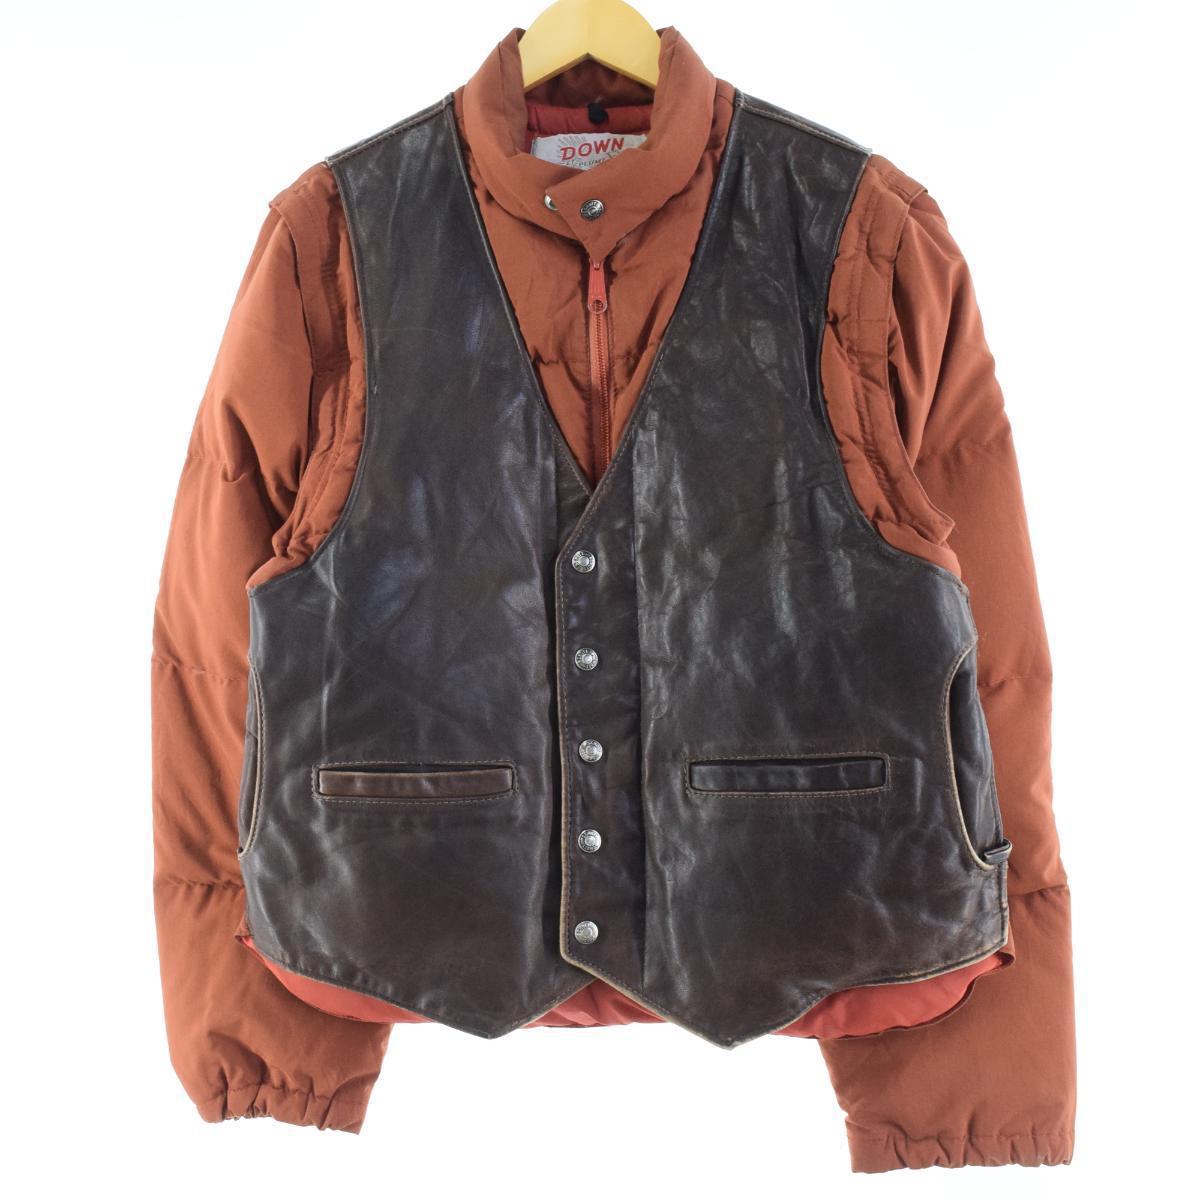 古着屋JAMのショット2WAYダウンジャケット